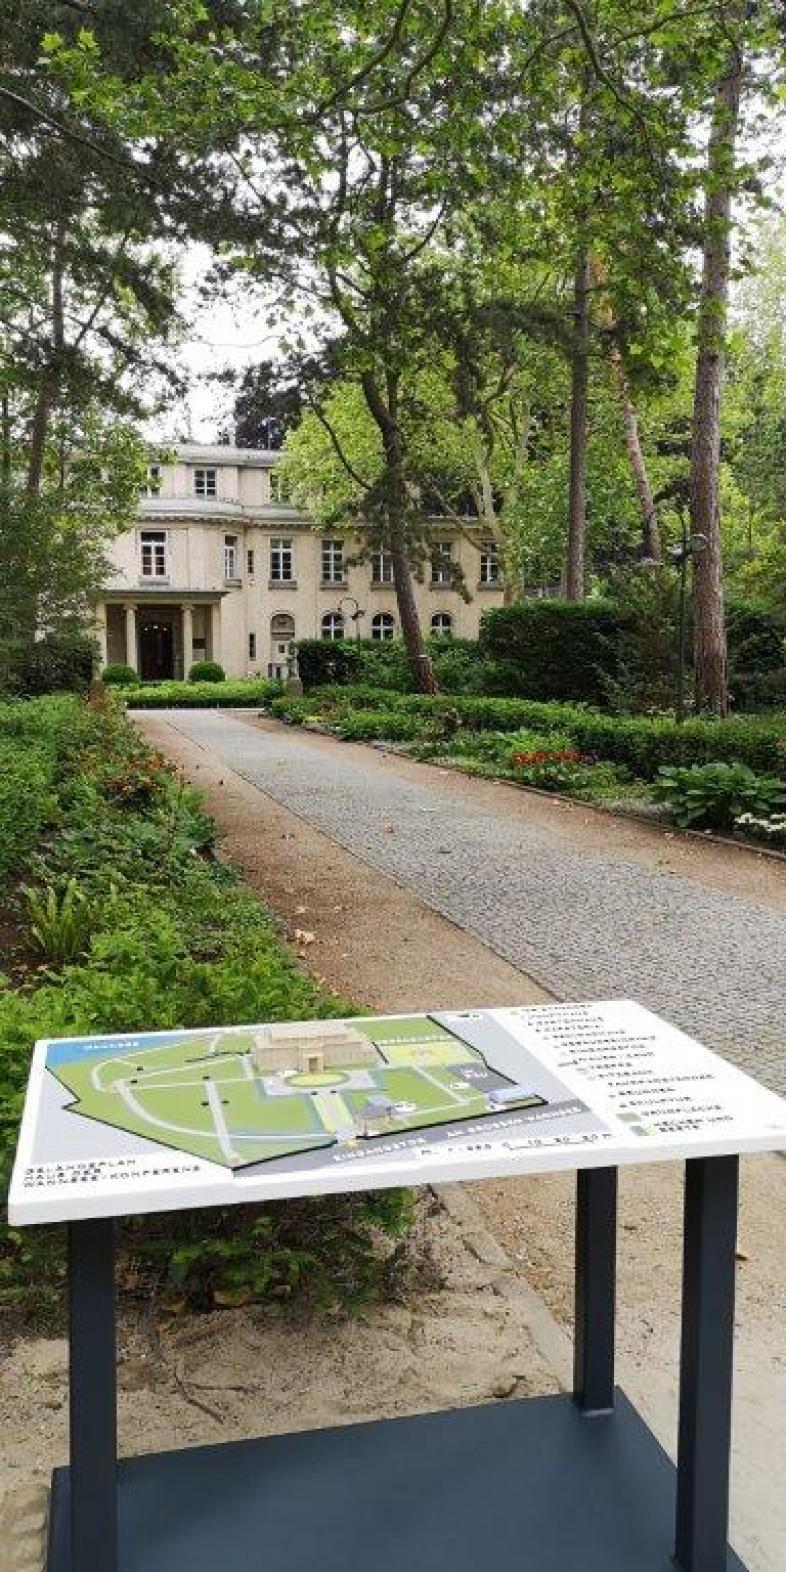 Taktiles Modell zur Gedenkstätte Wannseekonferenz mit dem Originalgebäude im Hintergrund